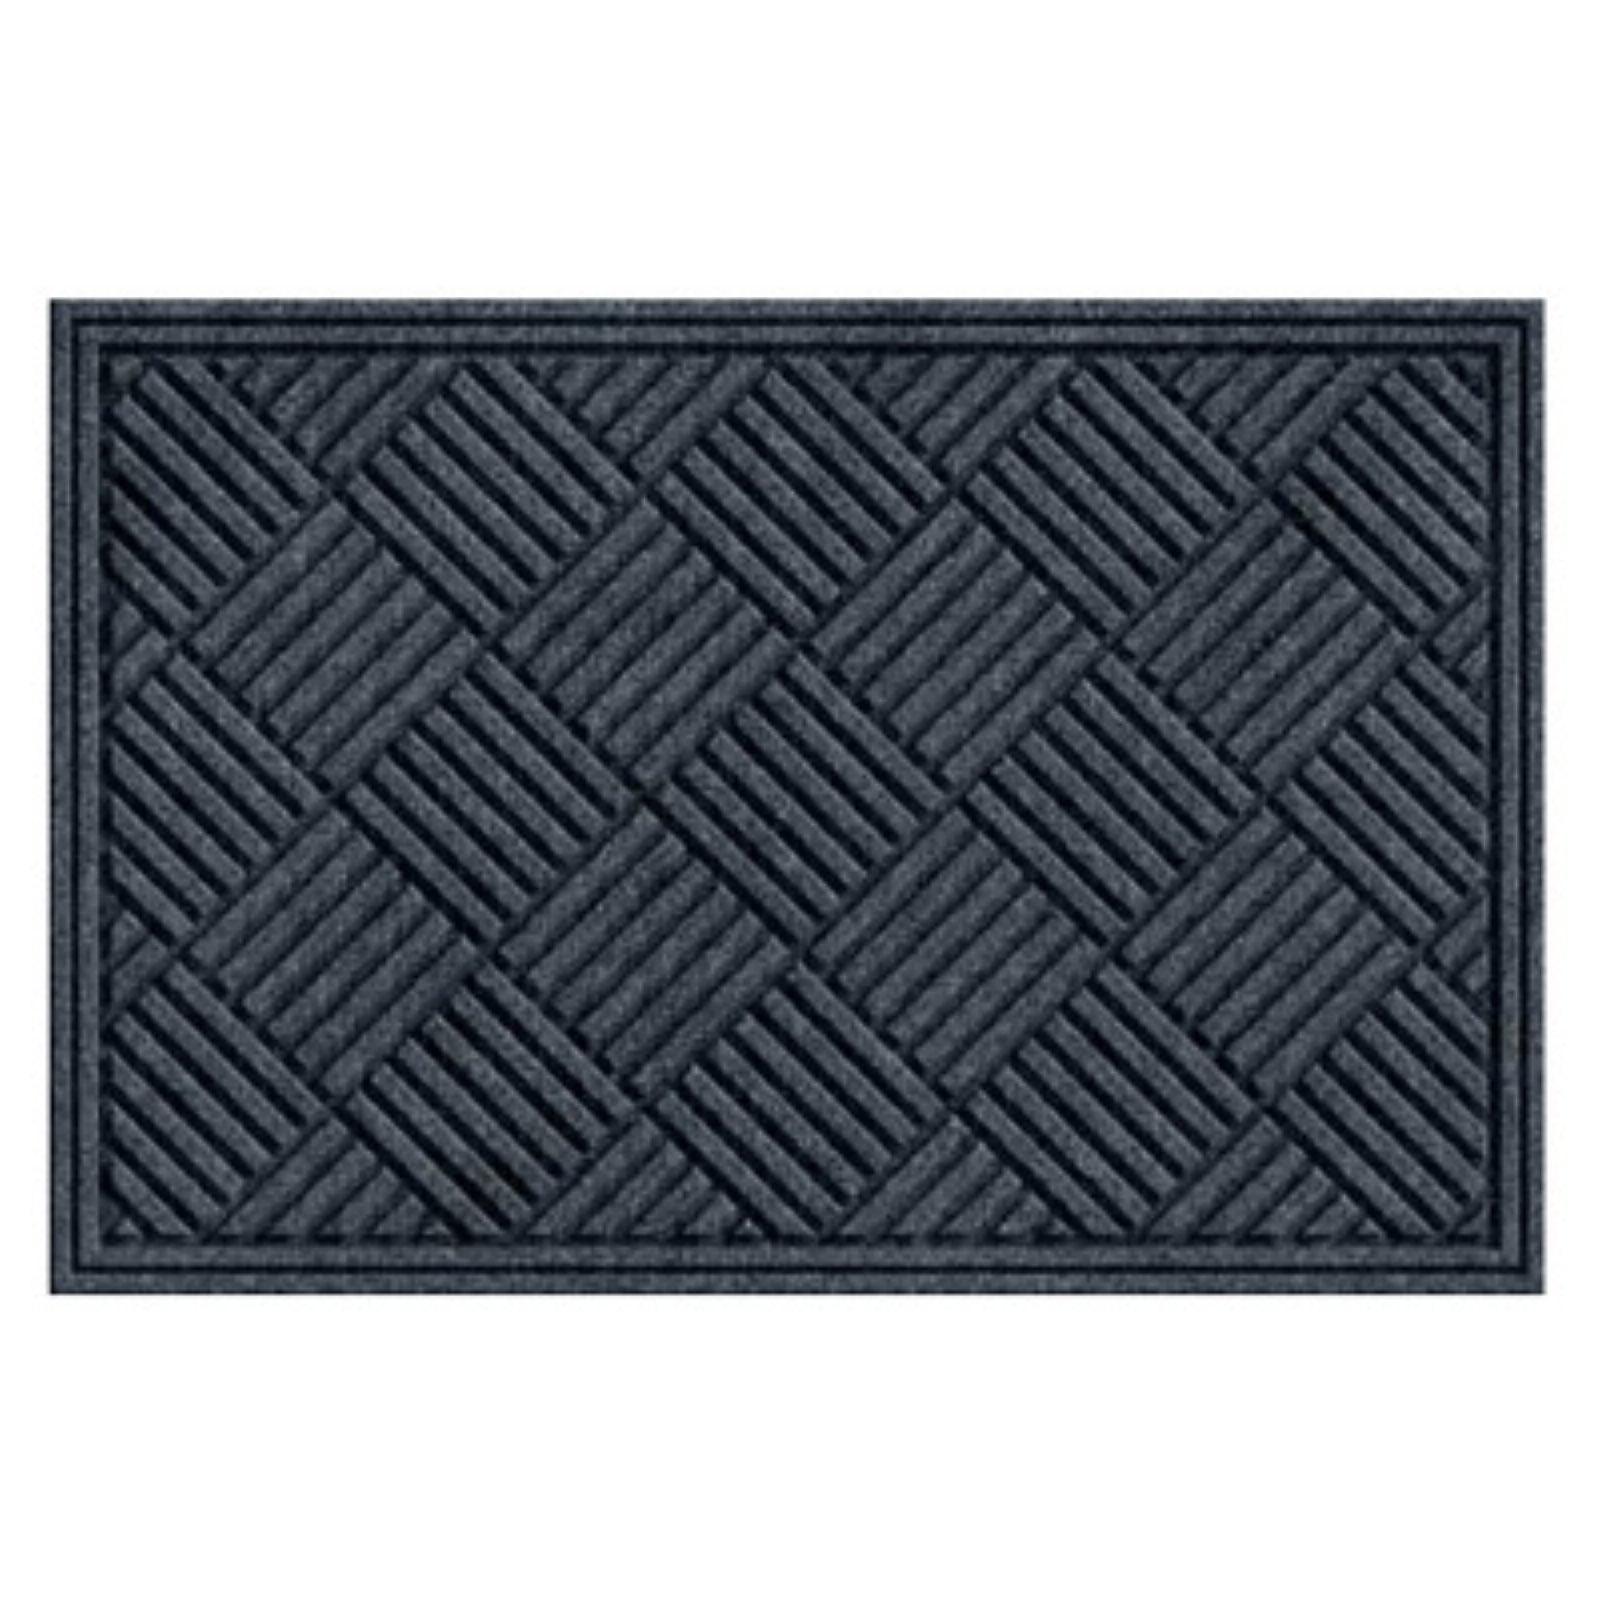 Tire Tuff Textures Crosshatch Doormat Smoke by Apache Mills